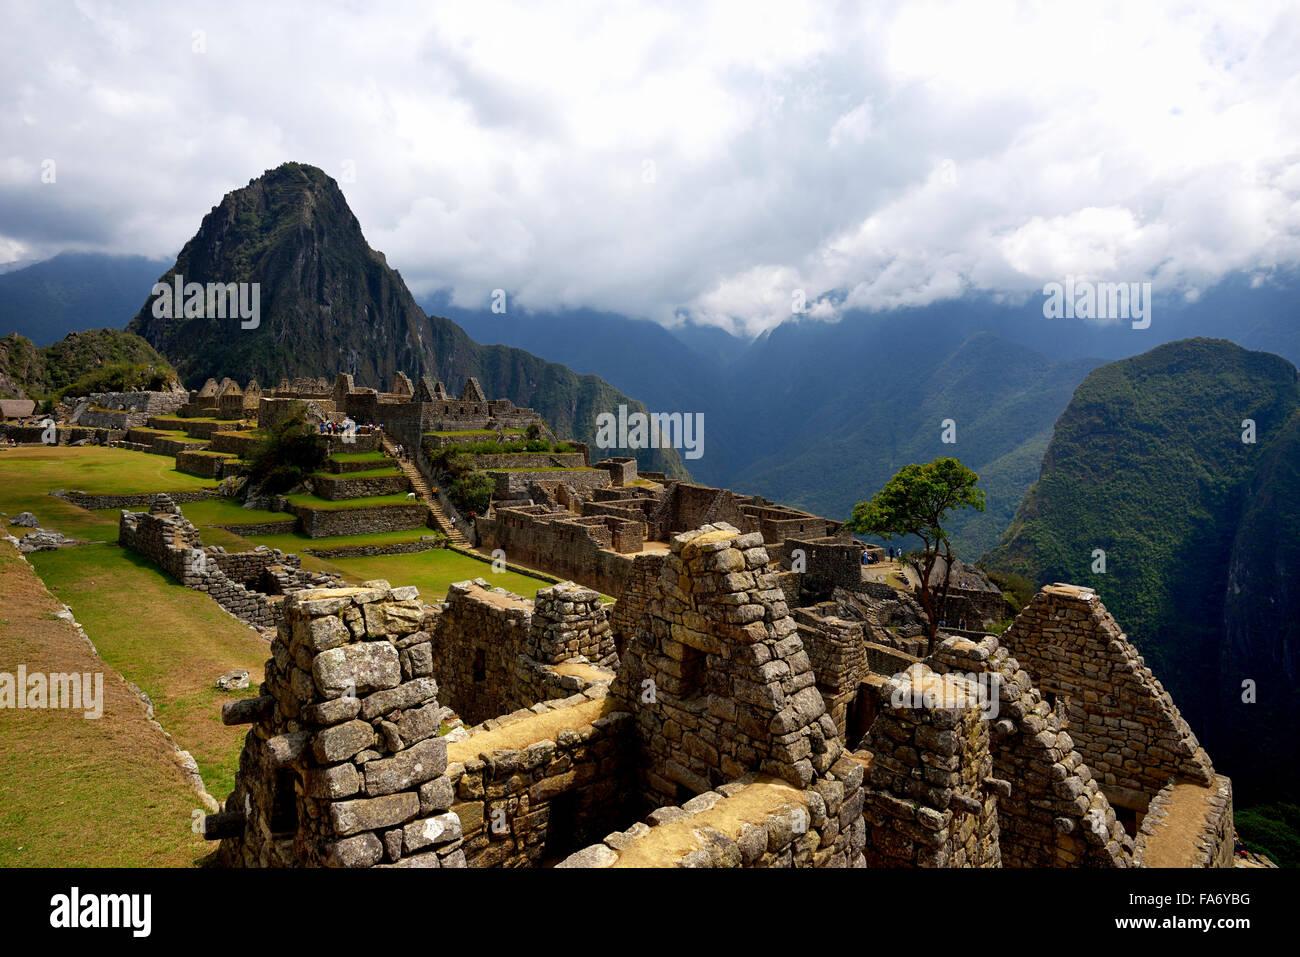 Ruines, cité Inca de Machu Picchu, Huayna Picchu montagne derrière, UNESCO World Heritage Site, Urubamba, Pérou, Banque D'Images